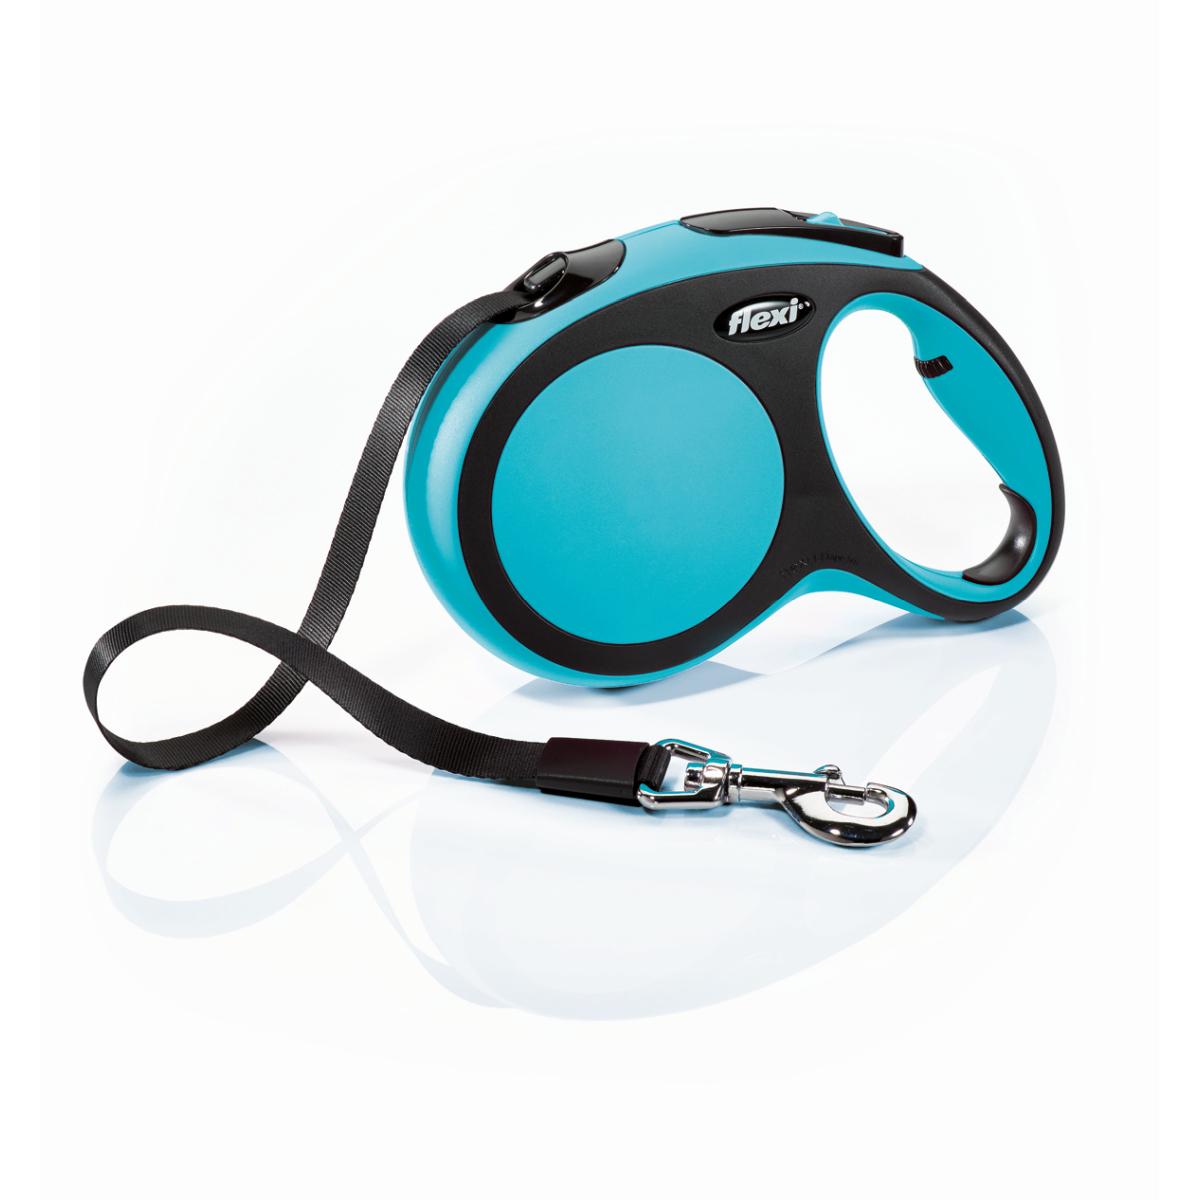 Flexi - new comfort tape l - 5 m blauw